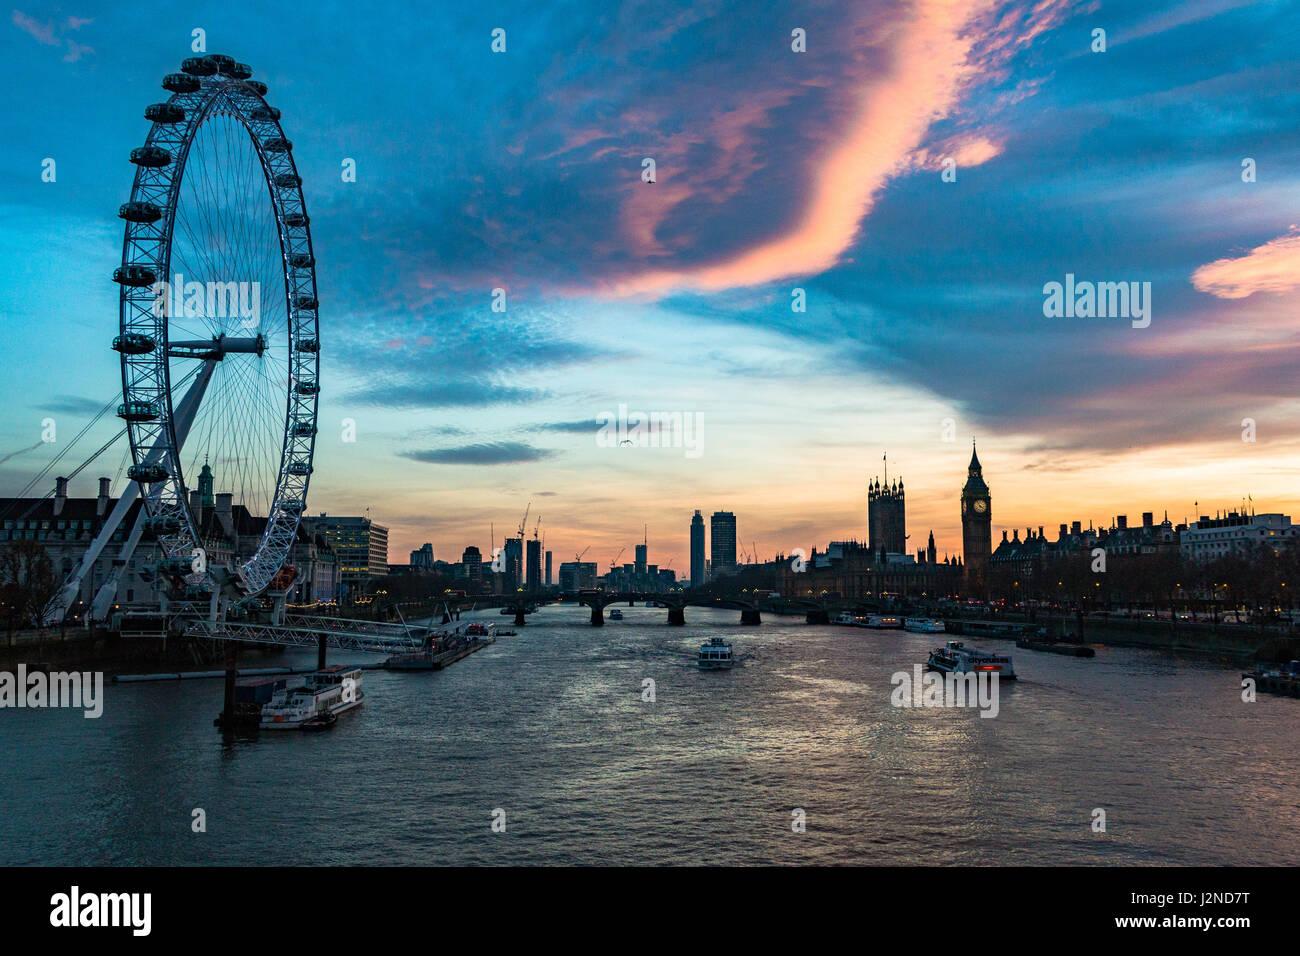 El London Eye y el Palacio de Westminter en el Támesis en Londres Imagen De Stock